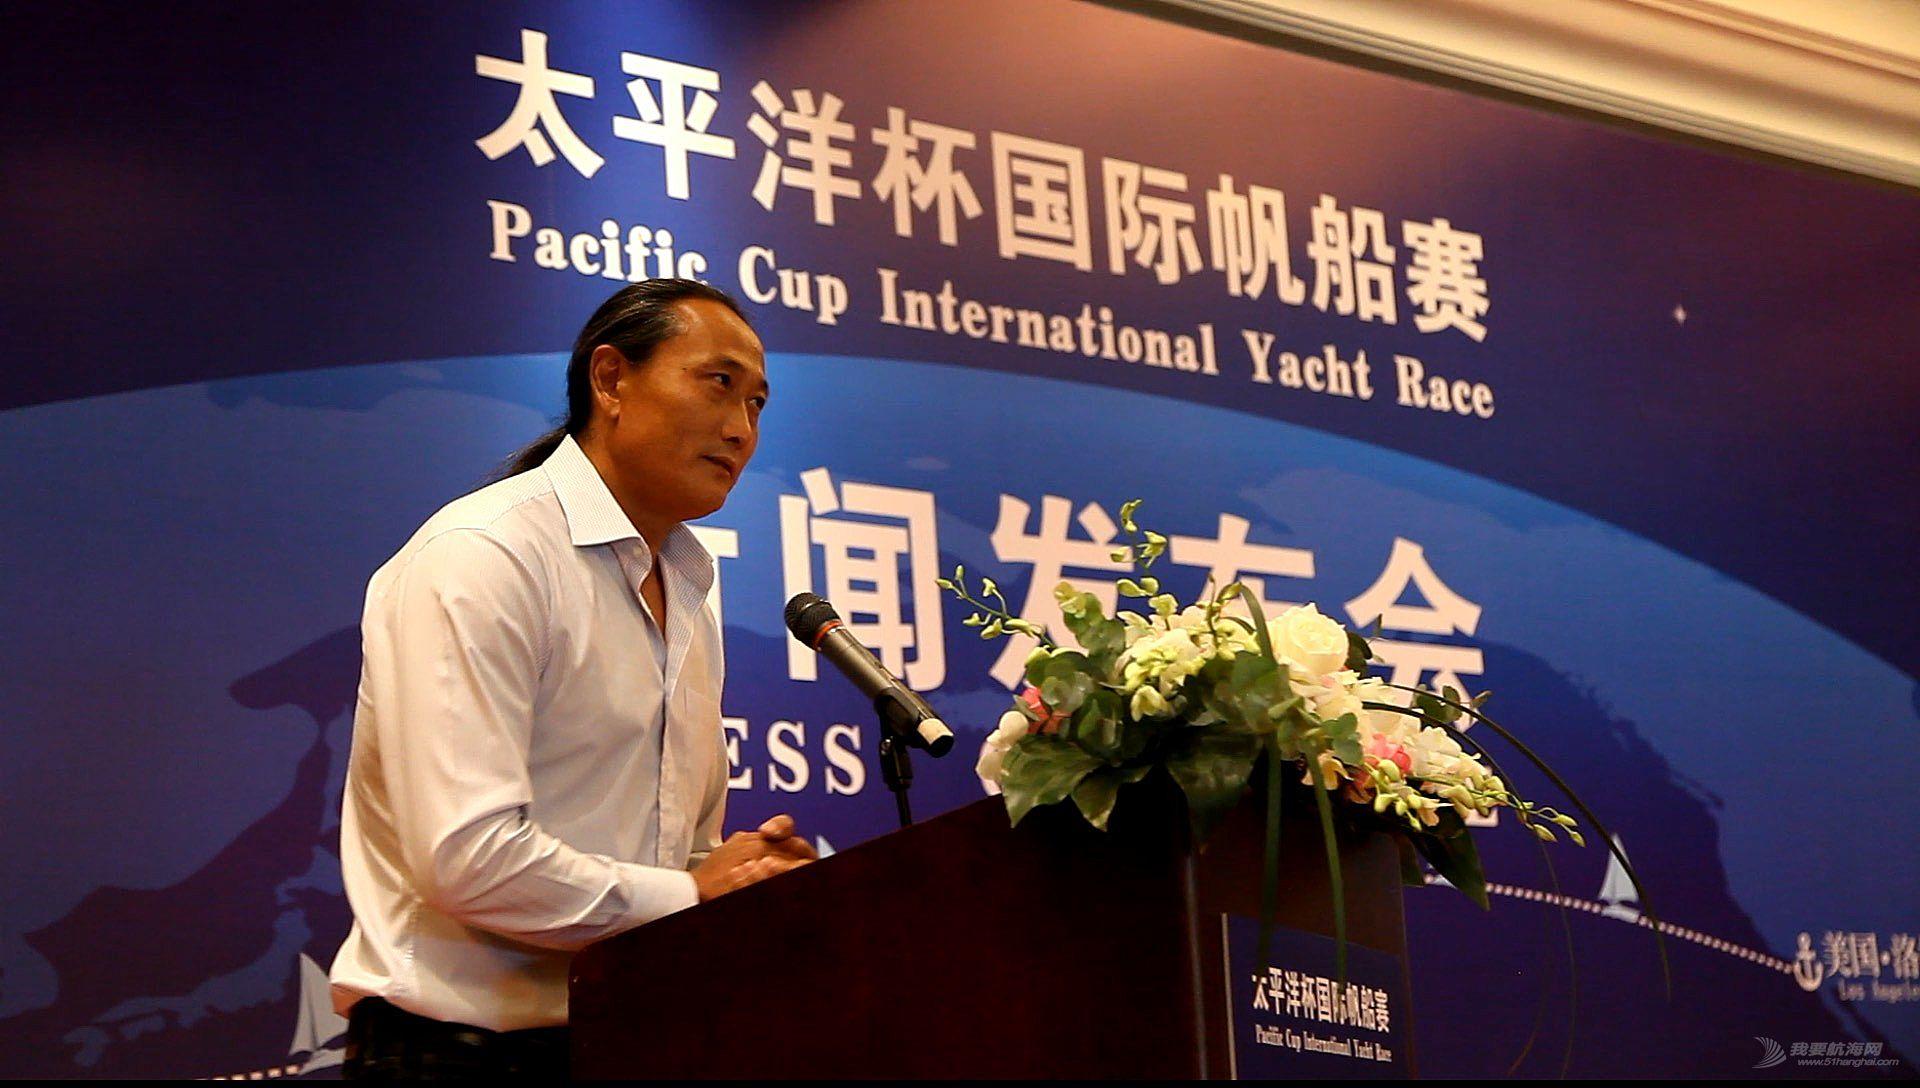 [视频直播]聚焦太平洋杯国际帆船赛启动仪式